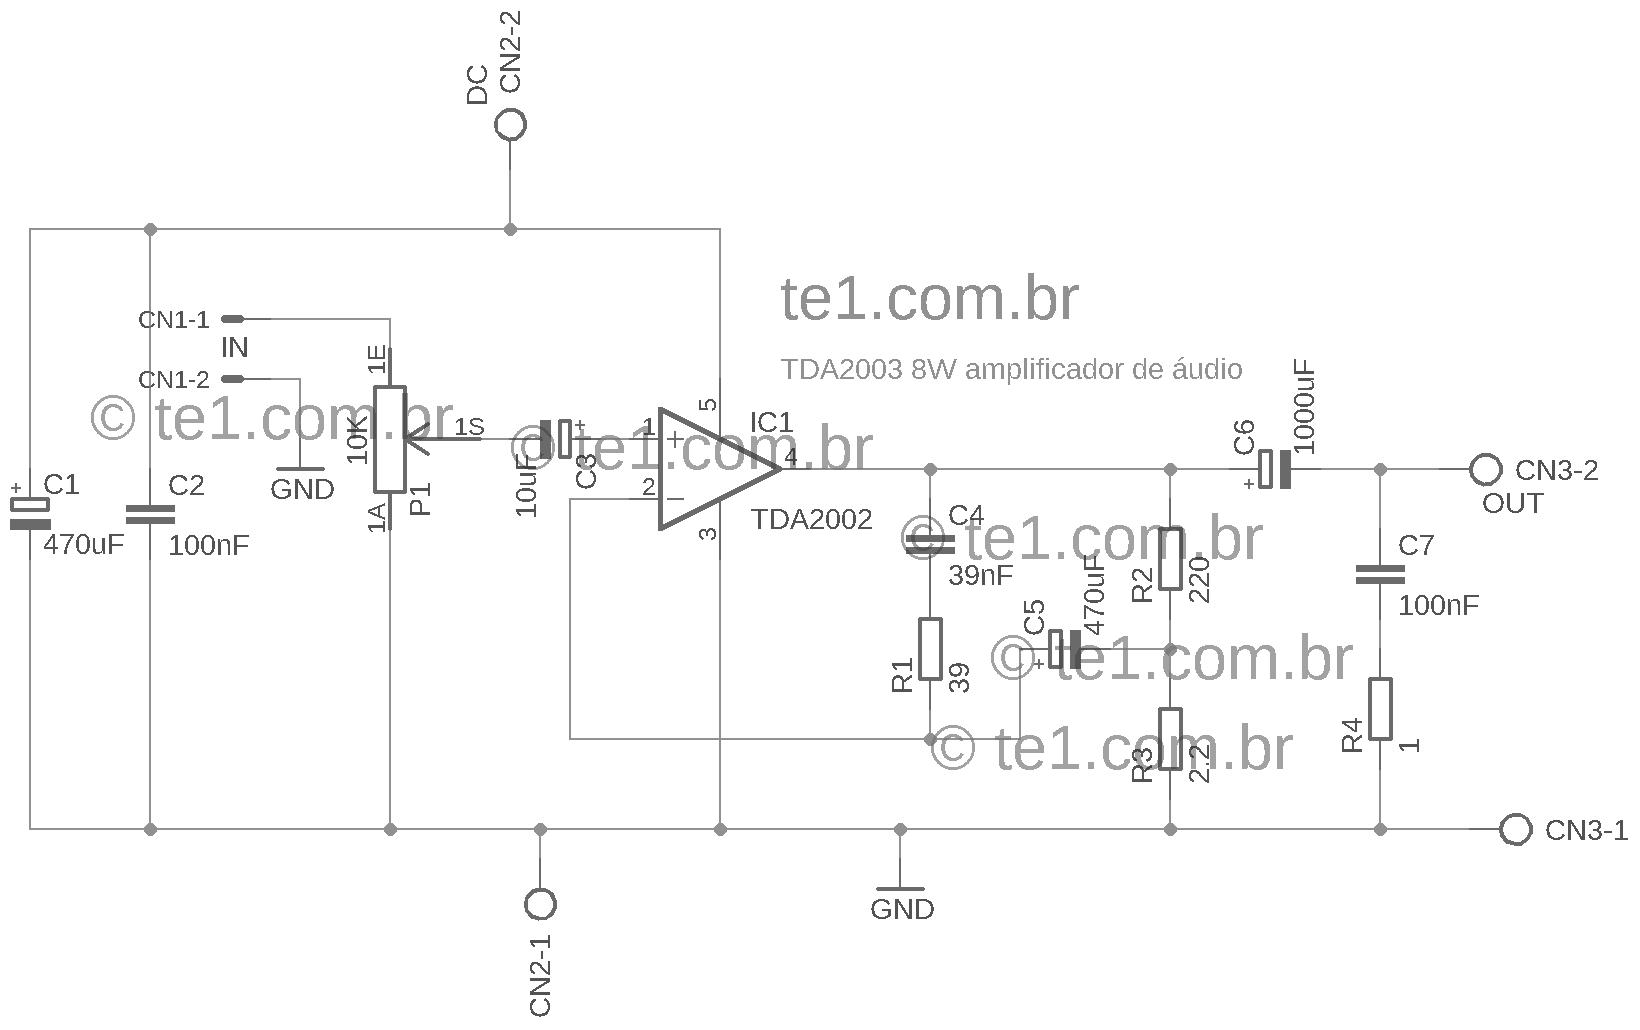 Circuito De Amplificador Udio Potncia Com Tda2002 8 Watts Mono Audio Amplifier Circuit Using Placa Raio X Silk Potencia Ci 1 700x616